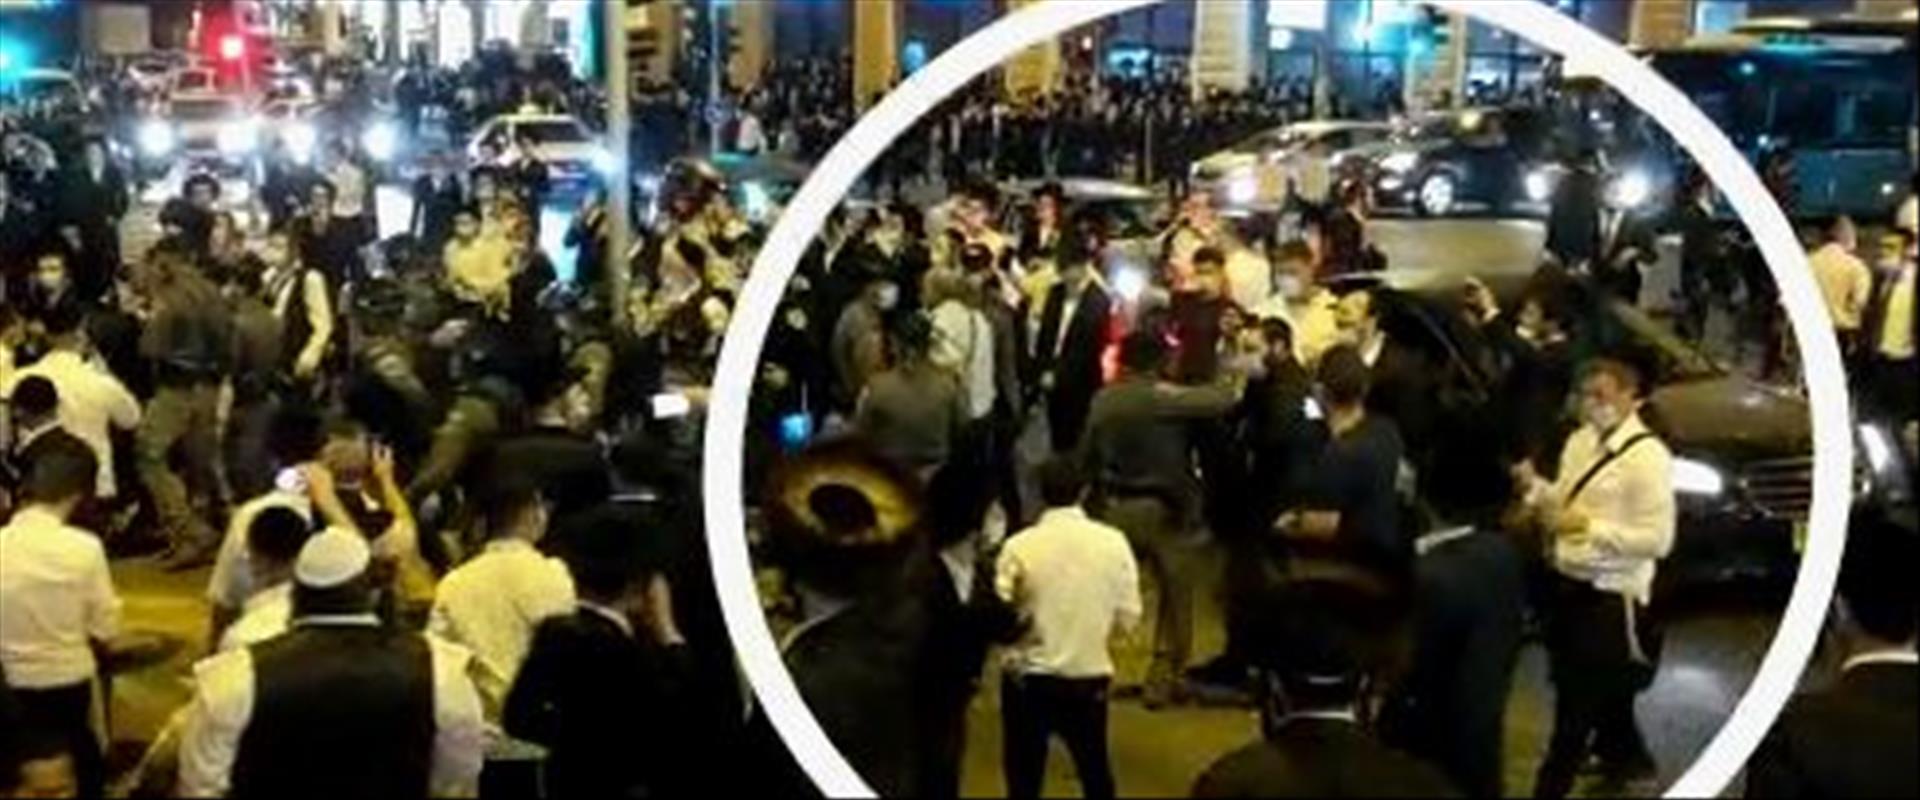 שוטר מכה מפגין חרדי בירושלים